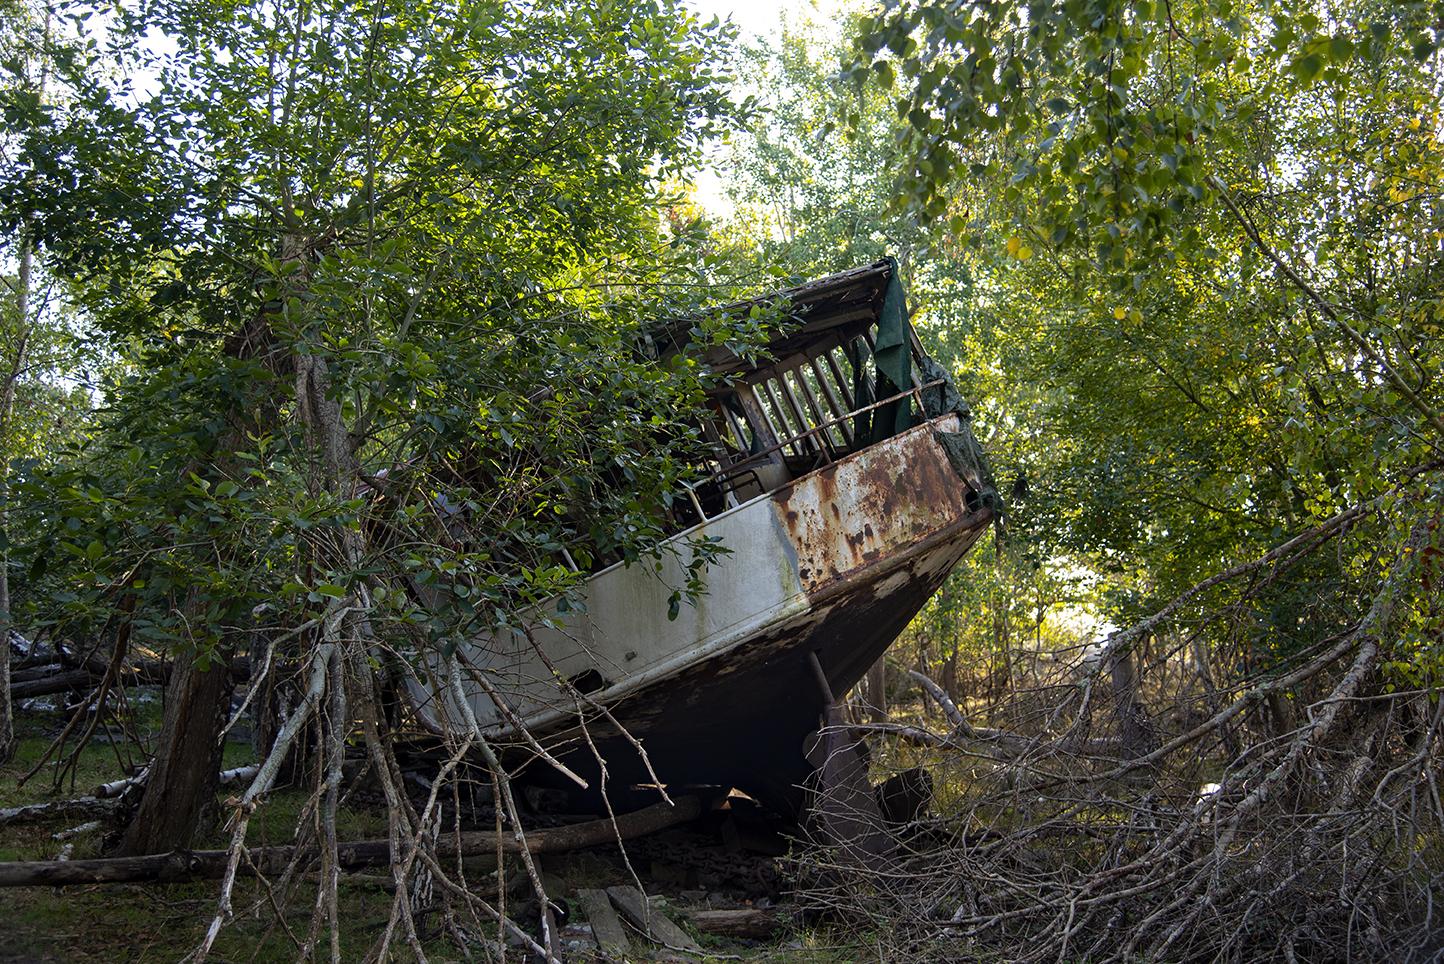 Båtvrak i en skogsglänta.